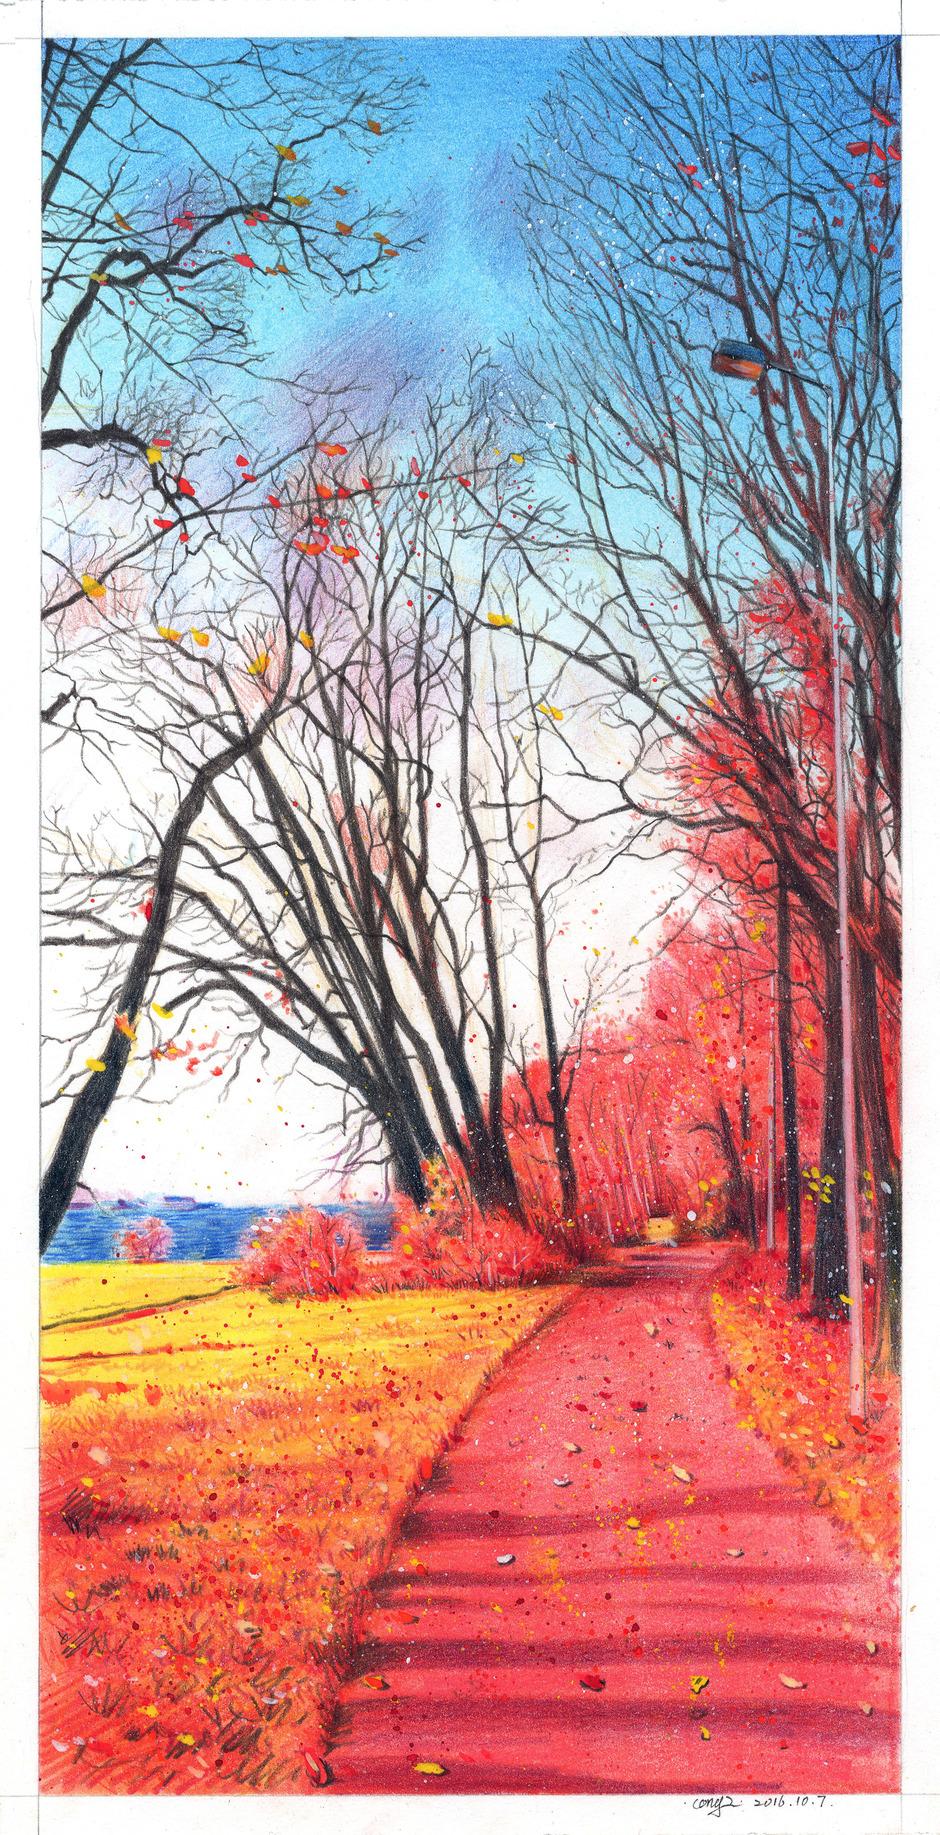 彩铅结合色粉手绘风景画